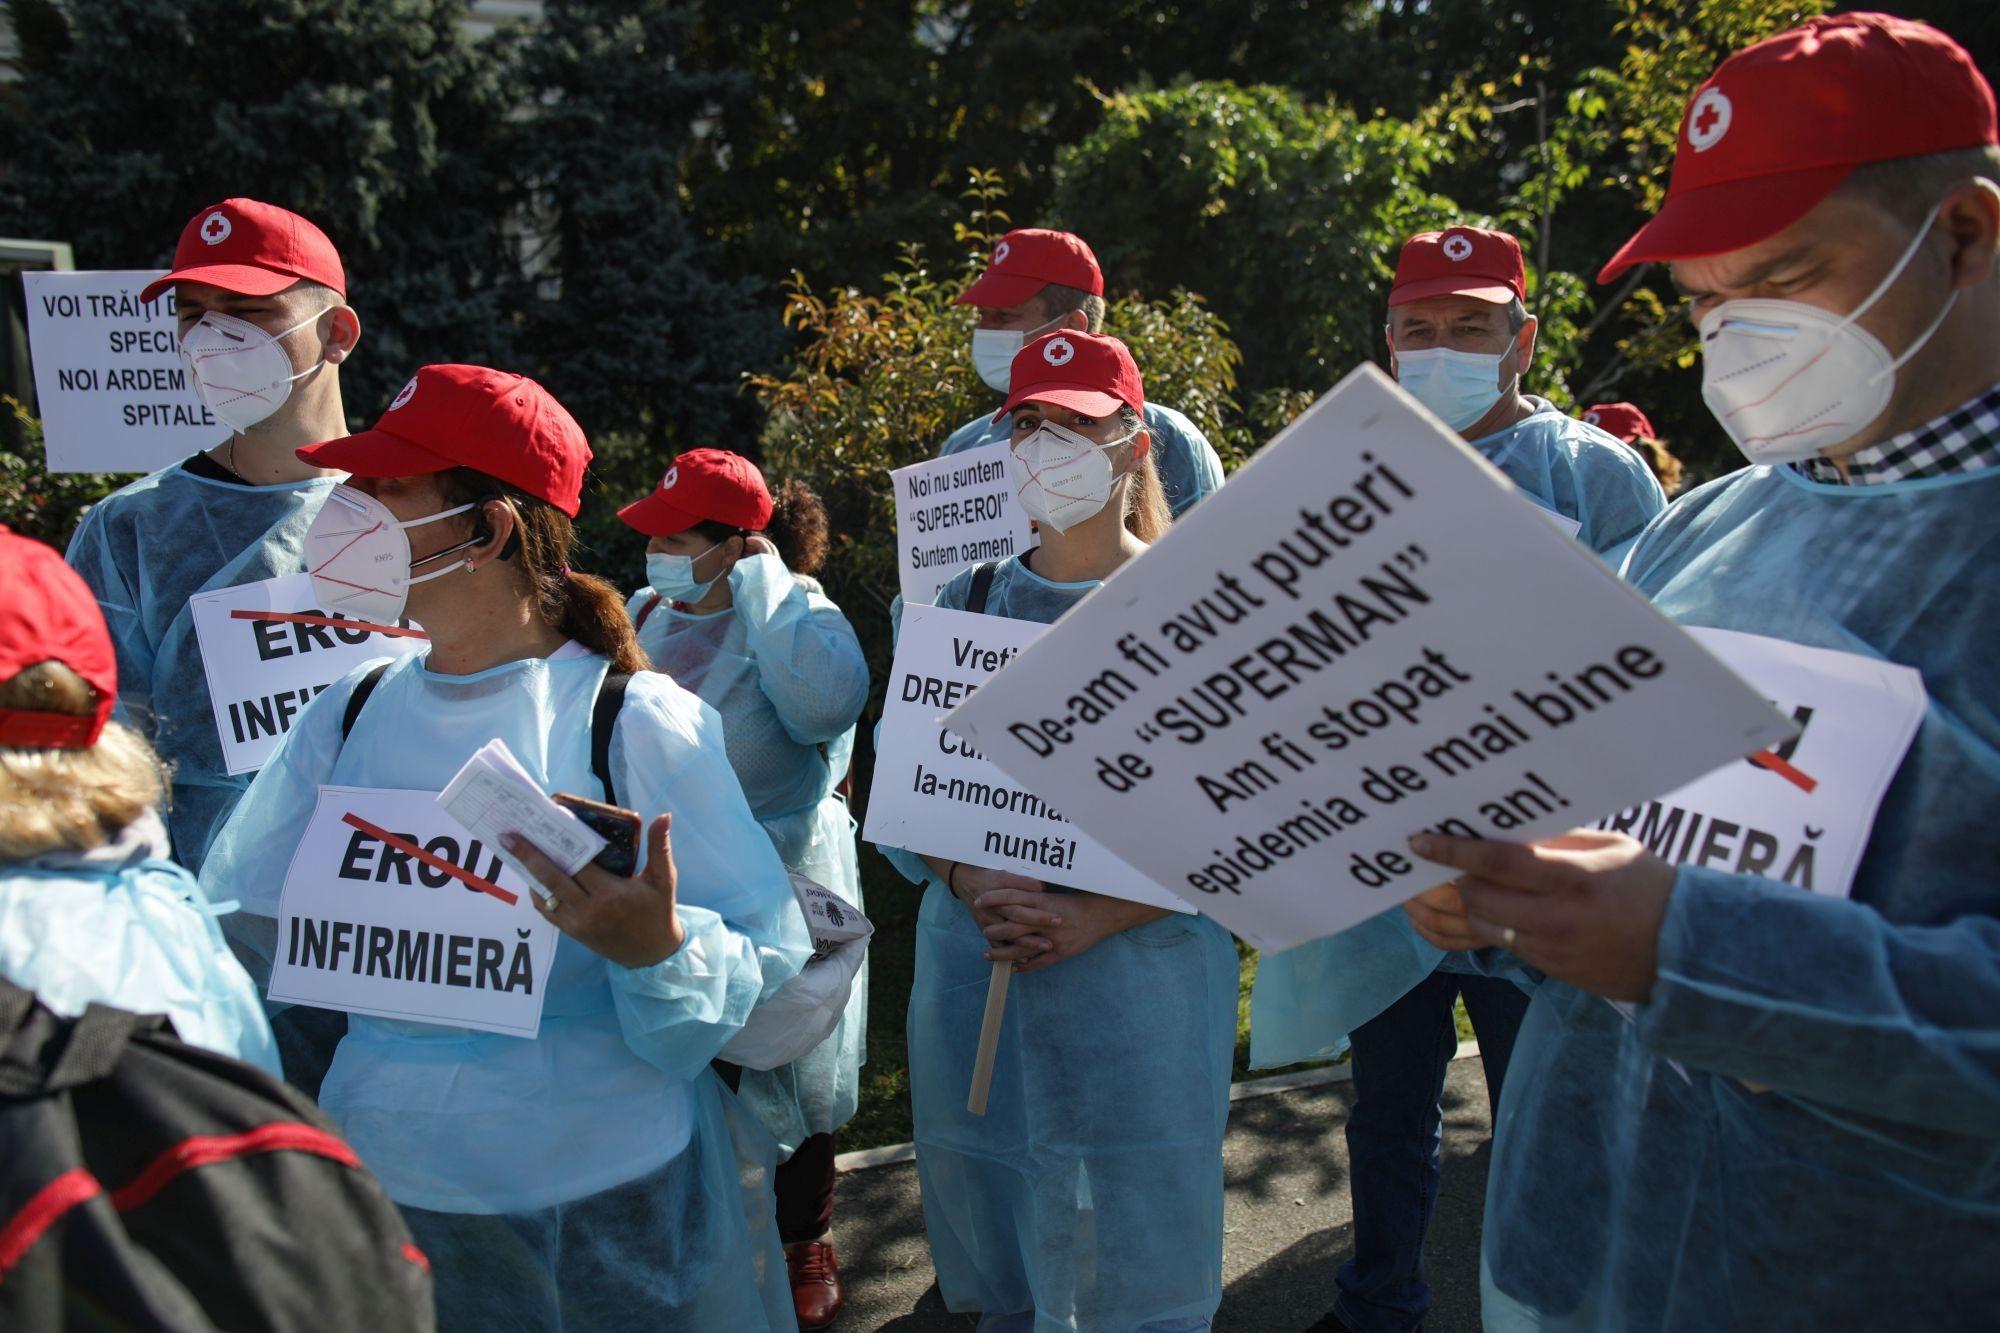 Zeci de angajaţi din Sănătate au protestat în faţa Guvernului. Contestă certificatul verde și testarea celor nevaccinaţi pe banii lor